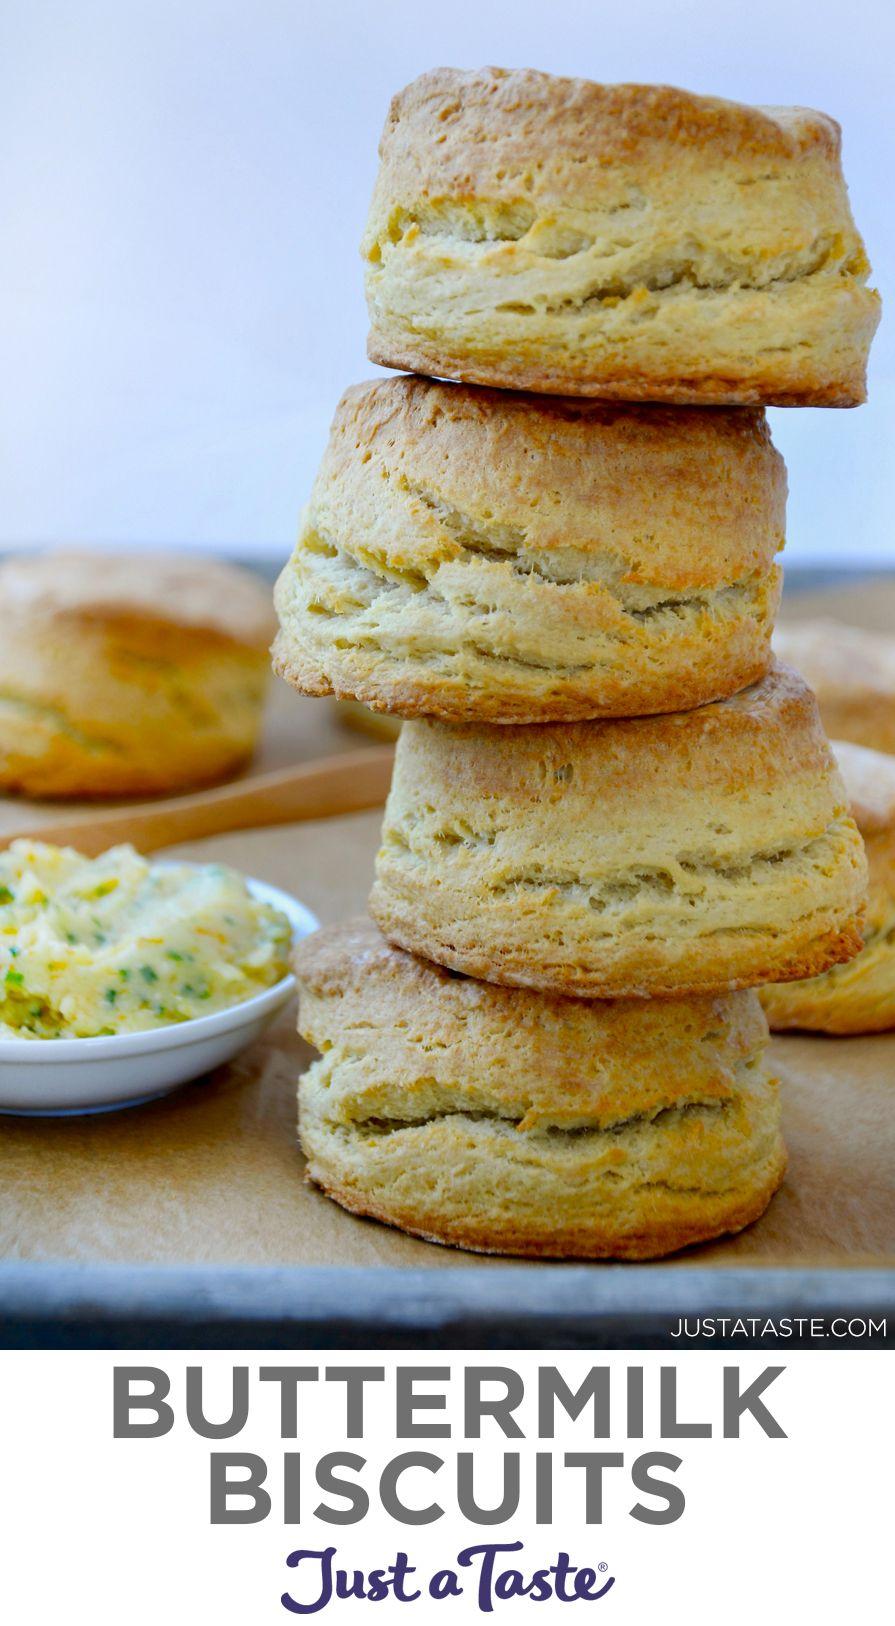 Easy Buttermilk Biscuits Recipe In 2020 Homemade Buttermilk Biscuits Top Dessert Recipe Buttermilk Biscuits Recipe